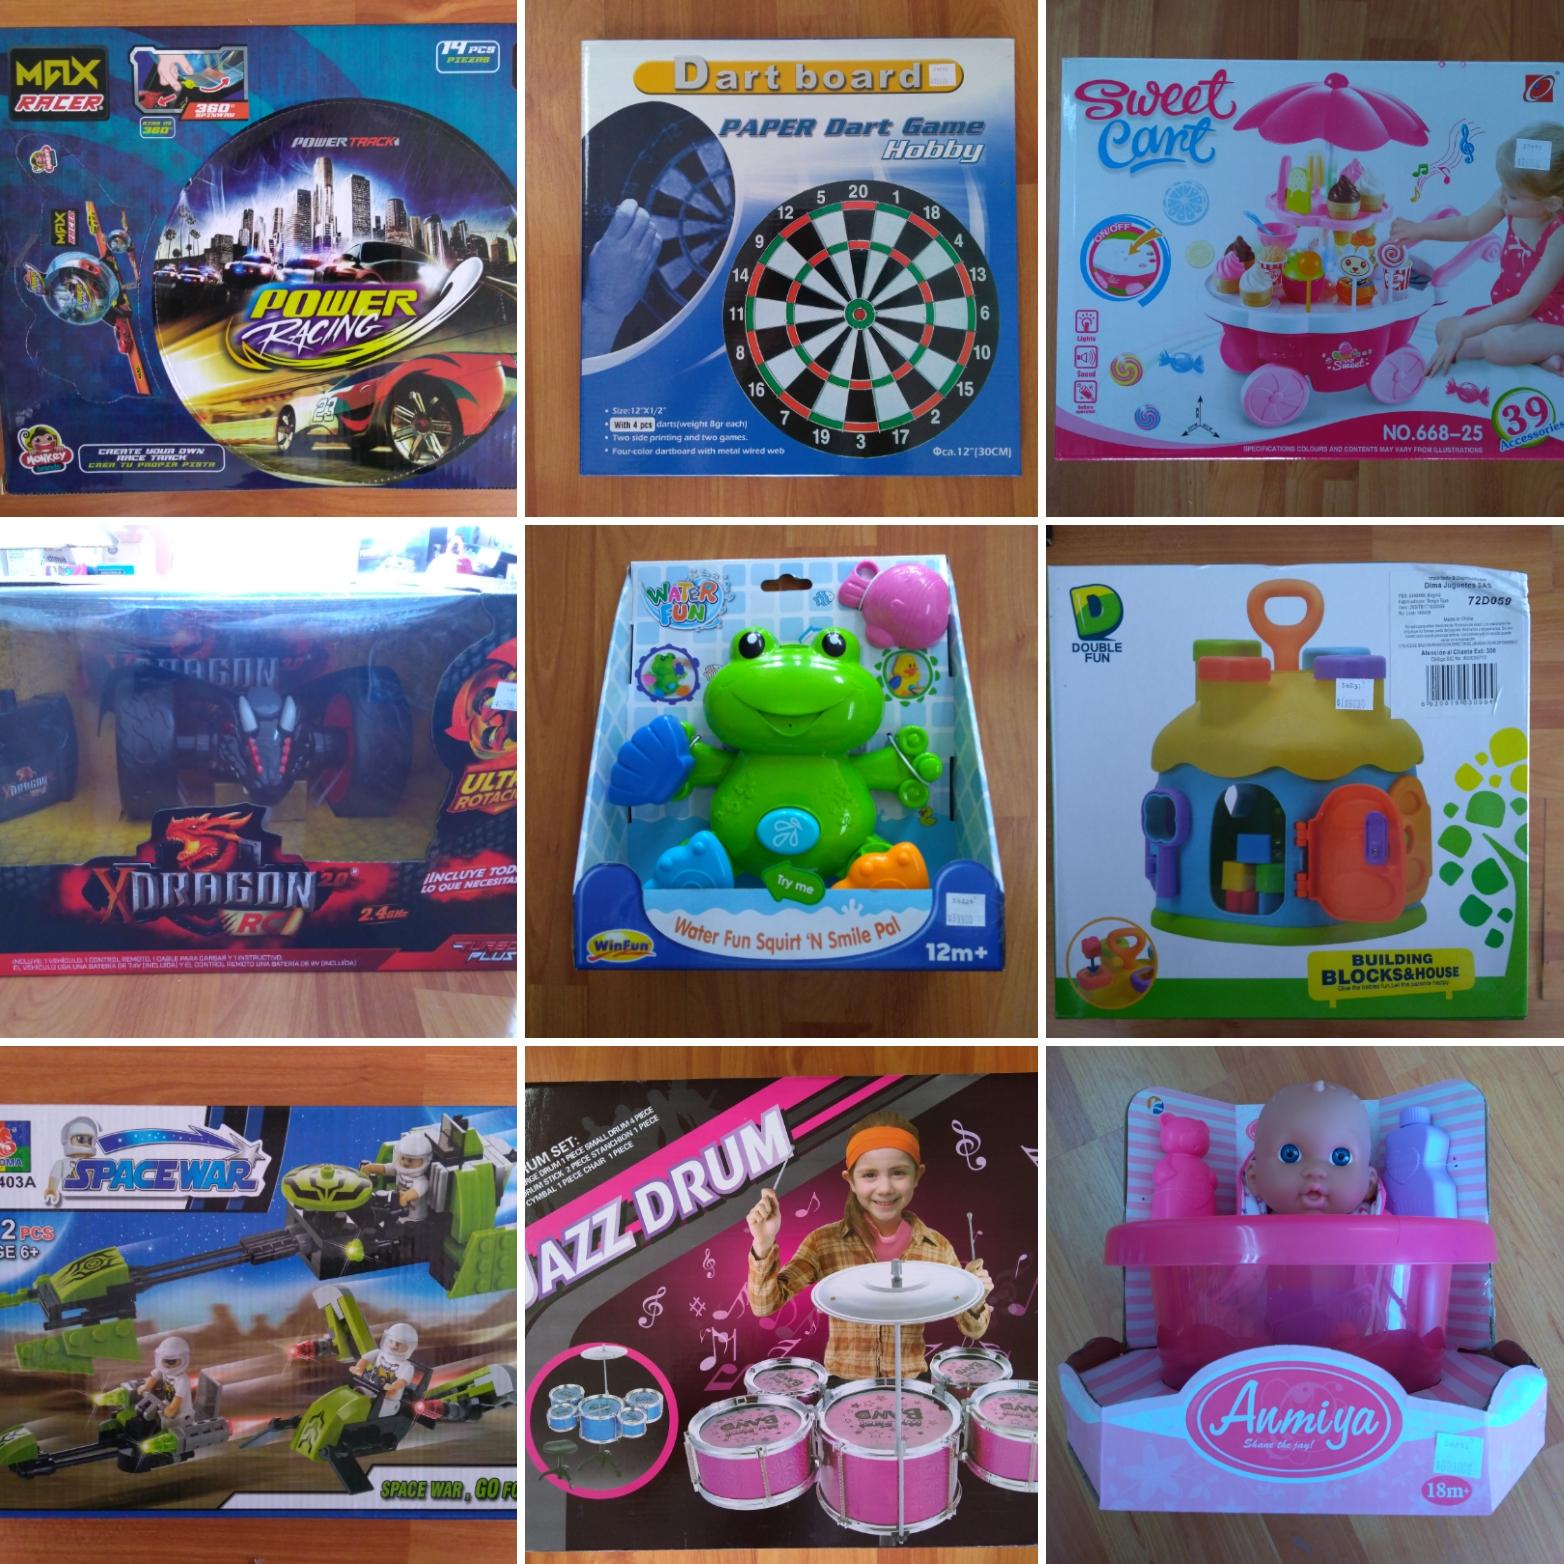 jugueteria-juguetes-milcositas-manizales- (12)